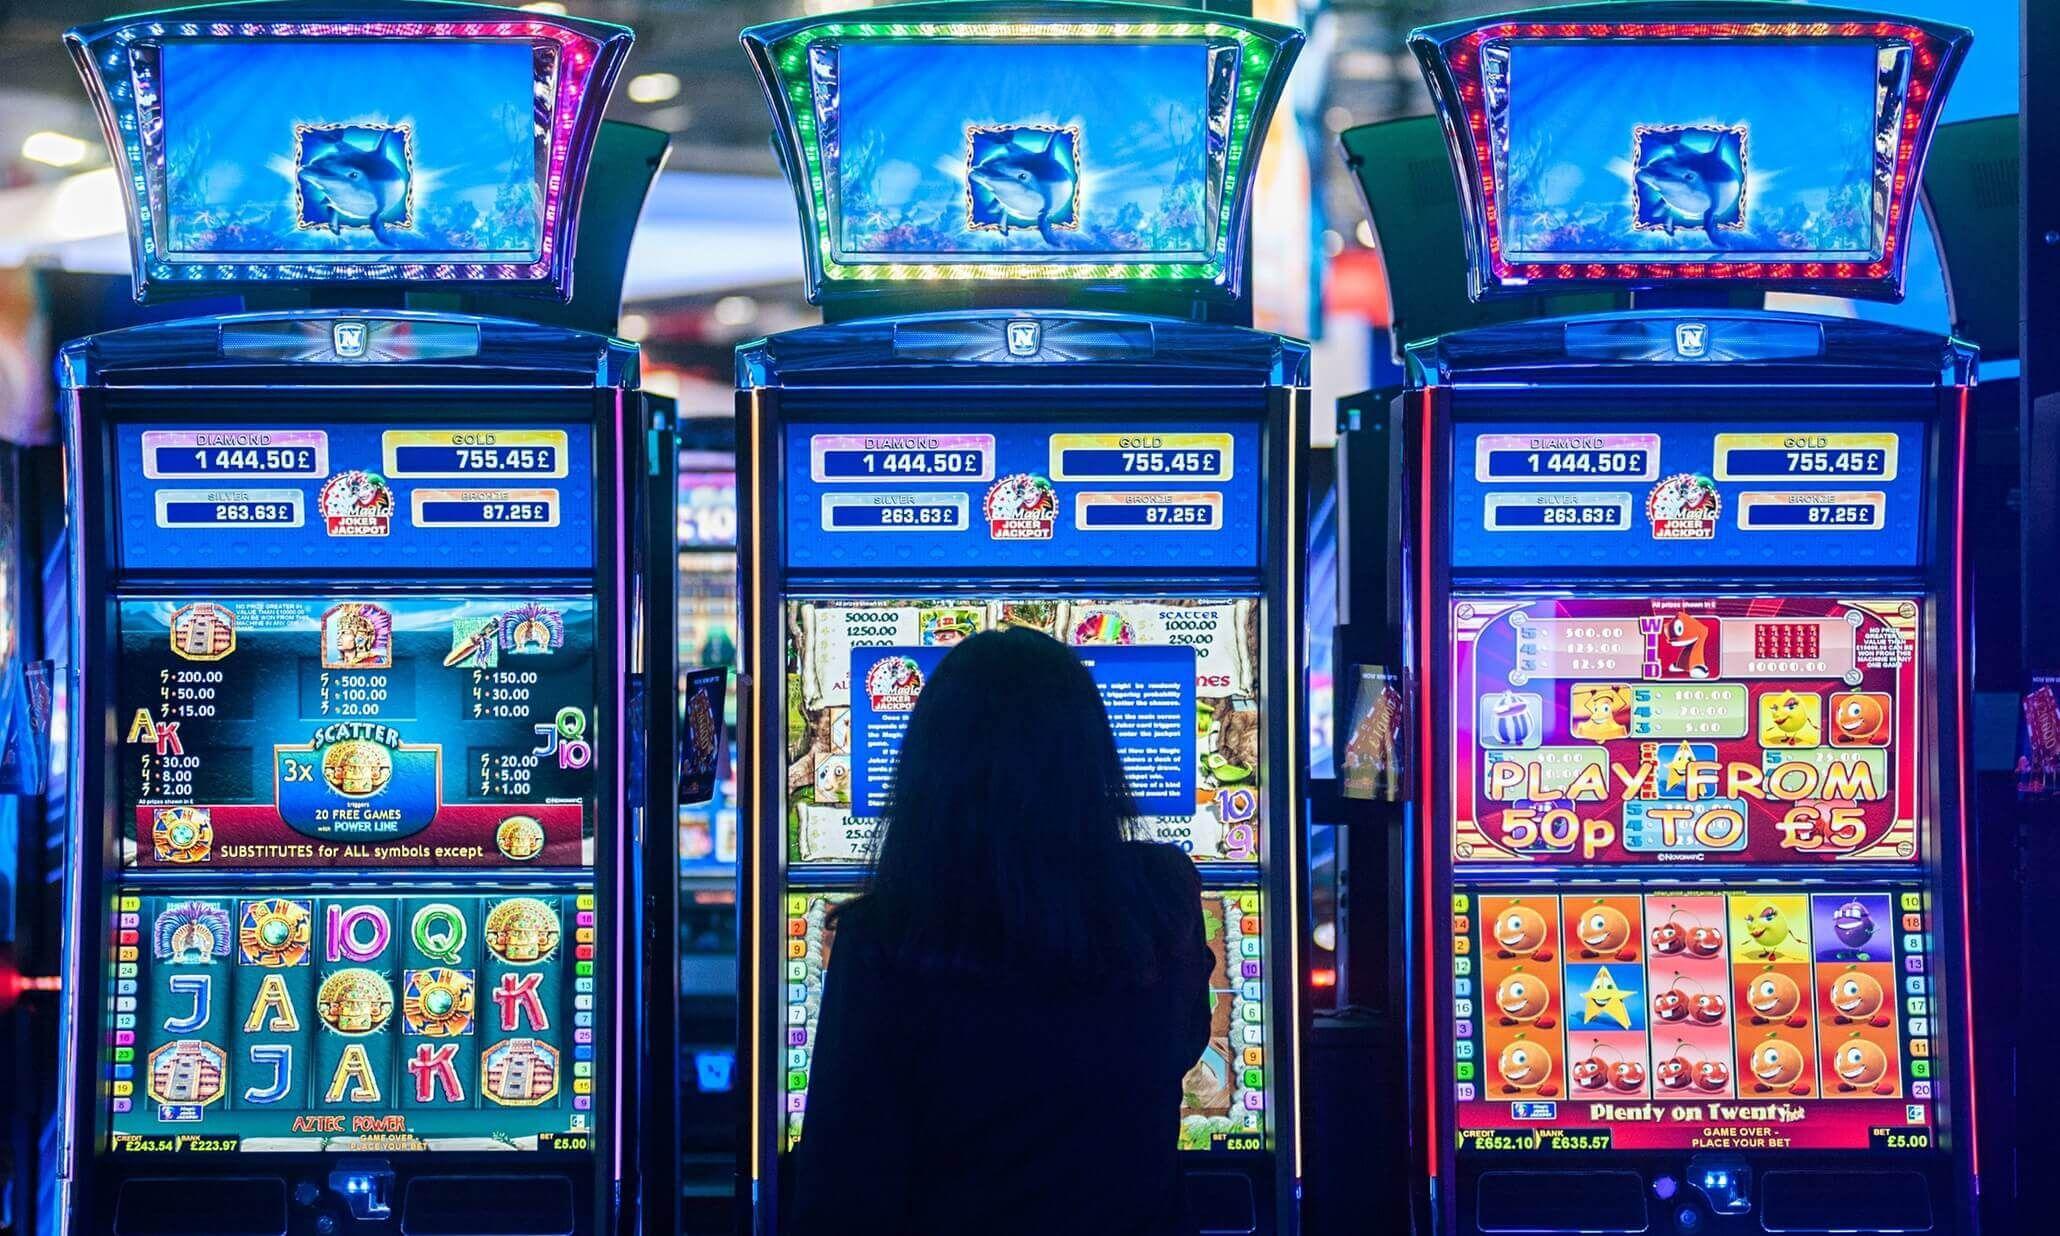 Игровые аппараты симуляторы играть без денег online casino real money free